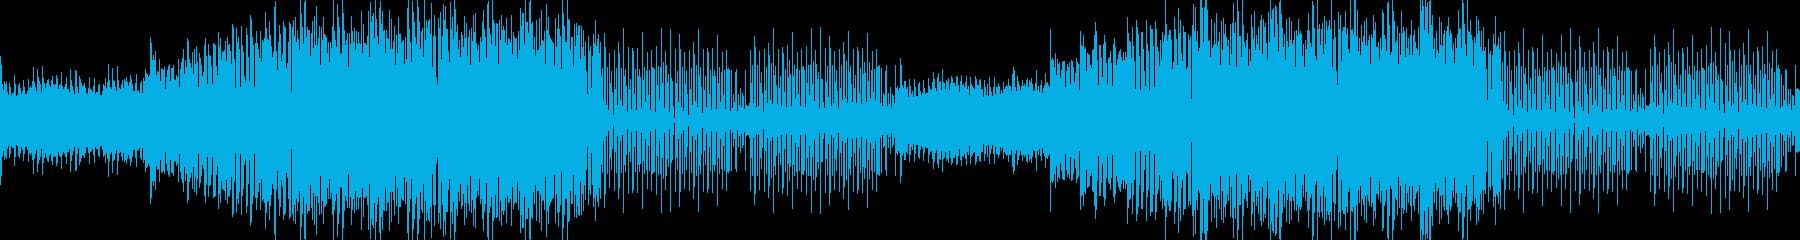 入場・オープニング・爽やか明るいEDMの再生済みの波形